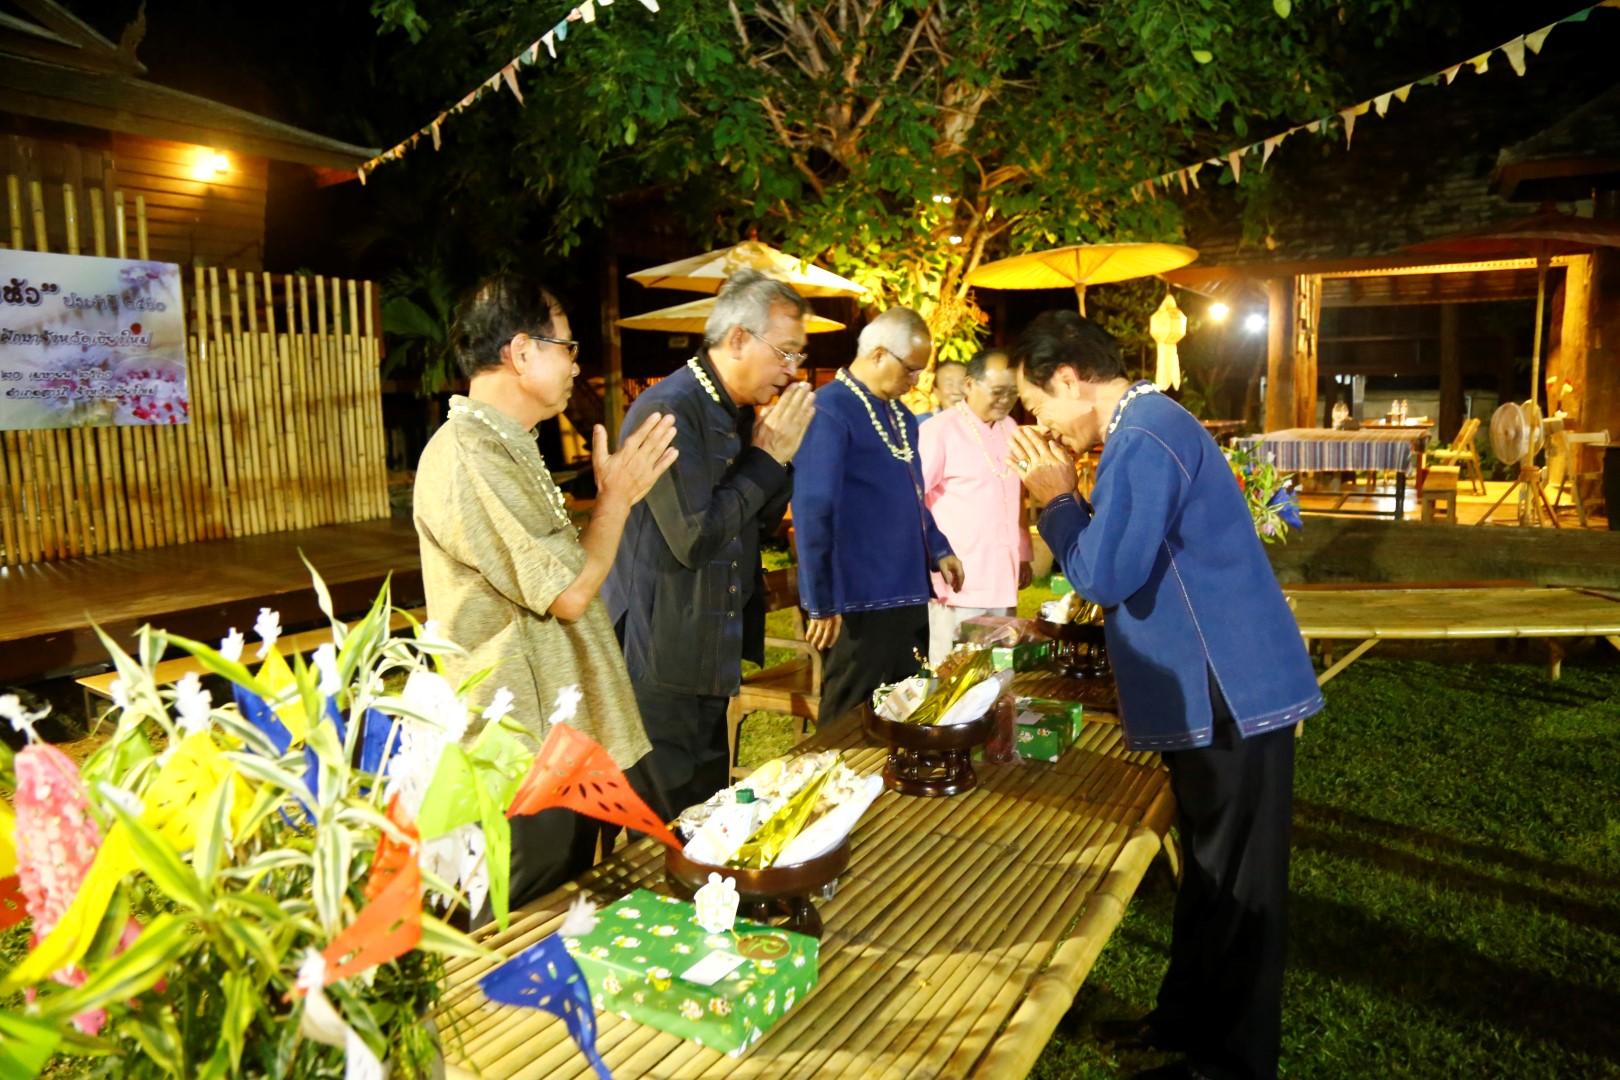 มทร.ล้านนา ร่วมกับเครือข่าย 12 สถาบันอุดมศึกษาในจังหวัดเชียงใหม่ร่วมสืบสานประเพณีไทยในเทศกาลสงกรานต์